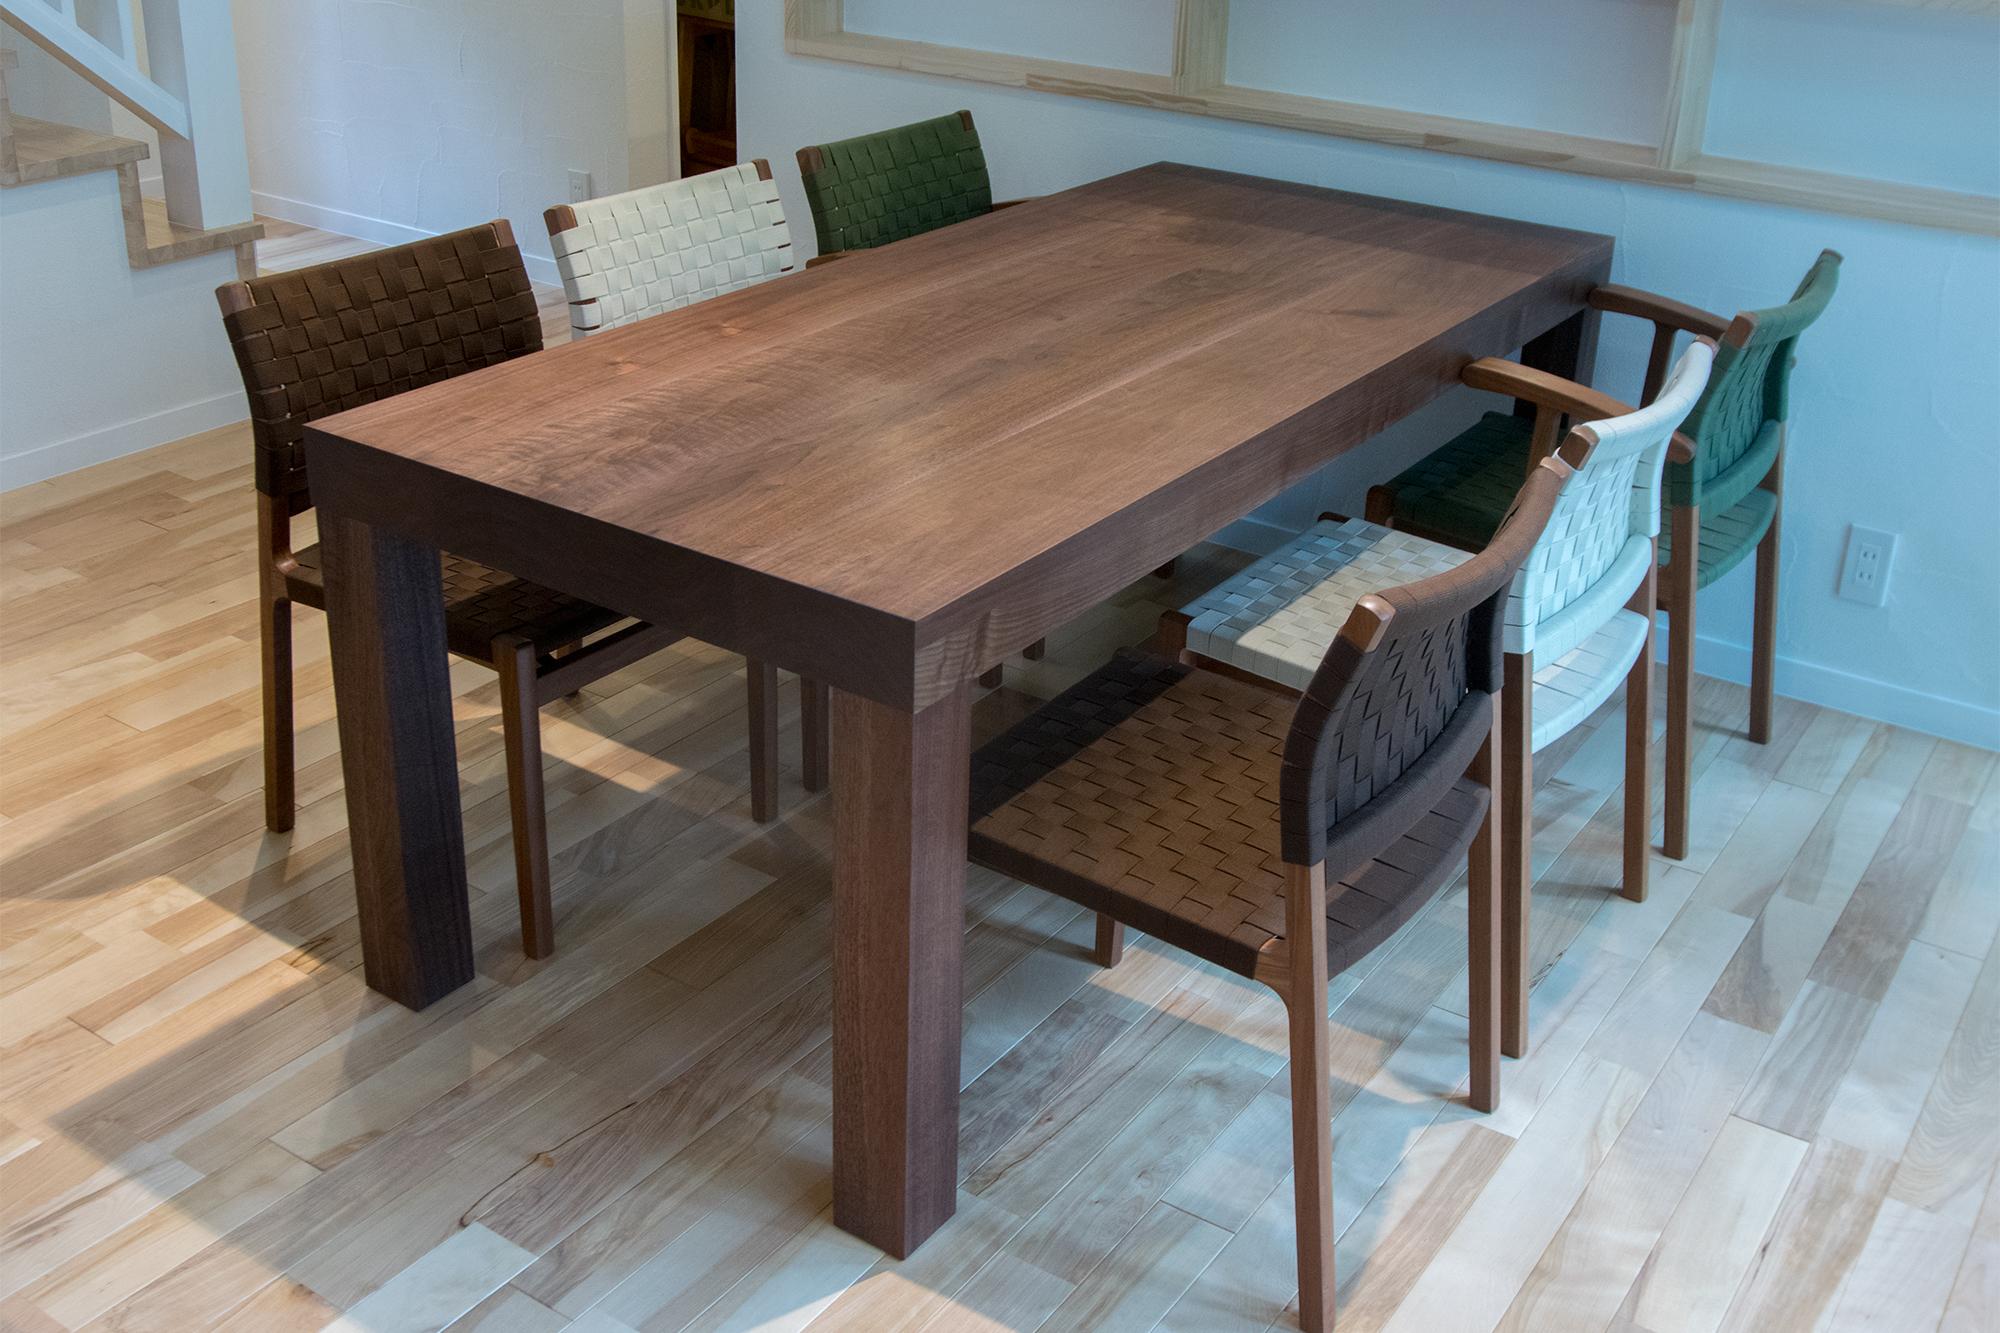 天板が厚い、ウォールナット材の無垢テーブル